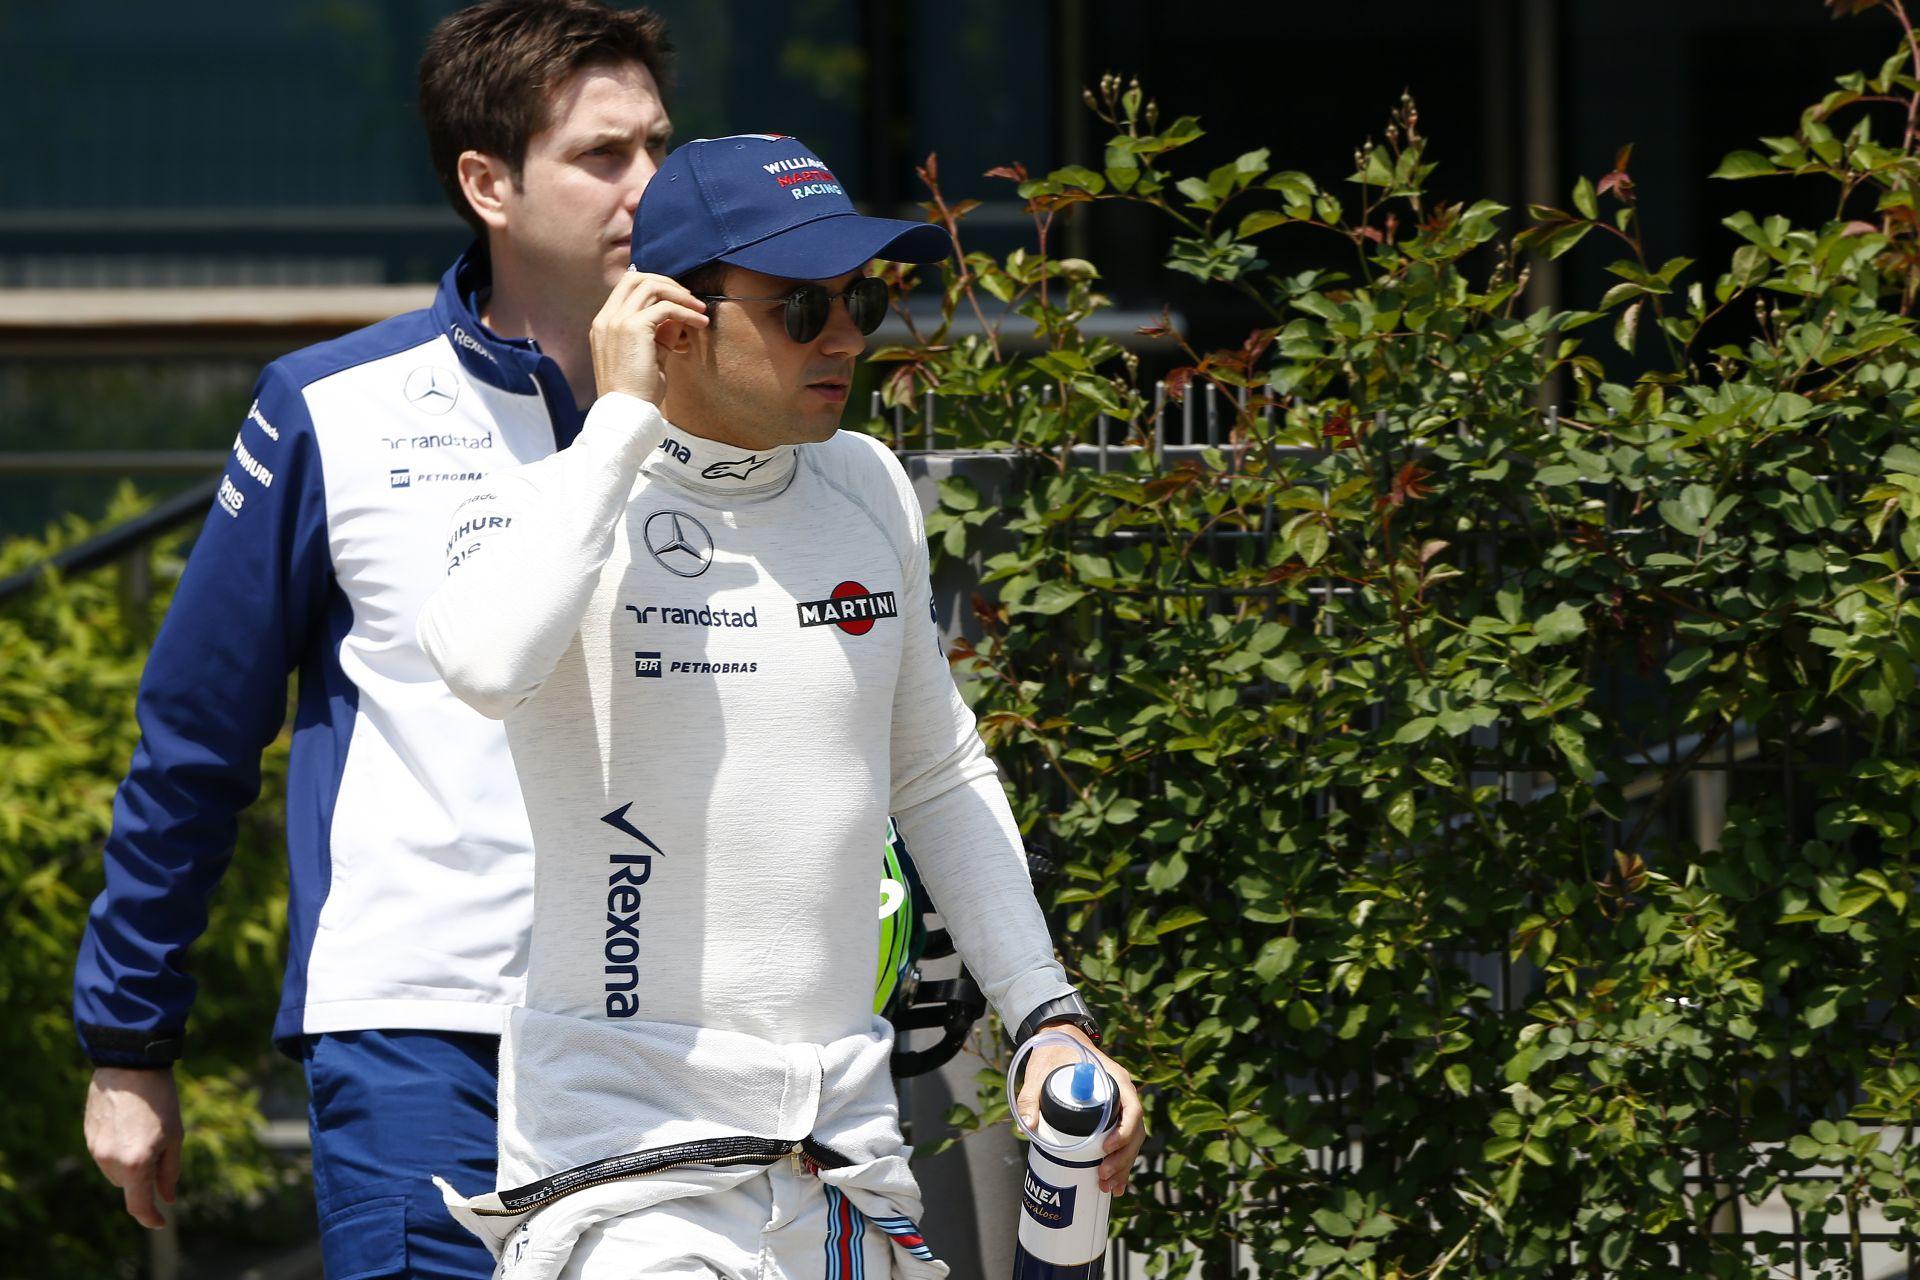 Massa tart attól, hogy a Williams az alacsonyabb költségvetése miatt visszaesik a középmezőnybe